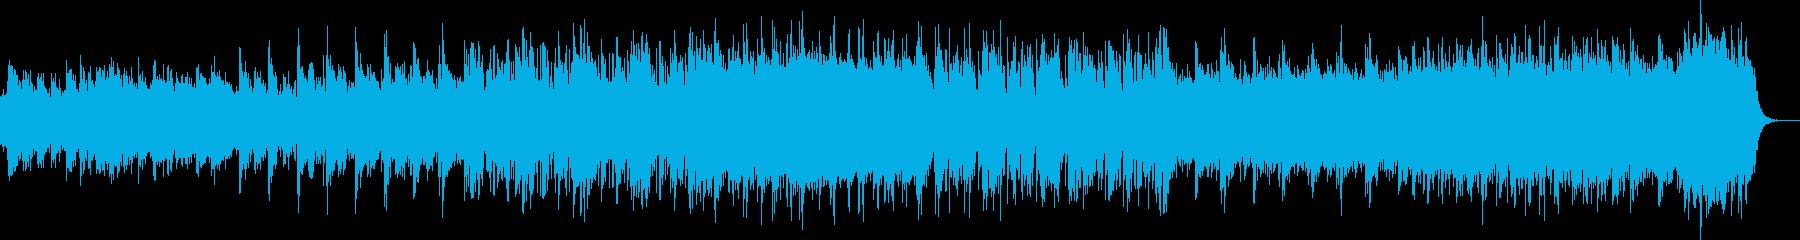 和太鼓とオーケストラ和風ドキュメンタリーの再生済みの波形